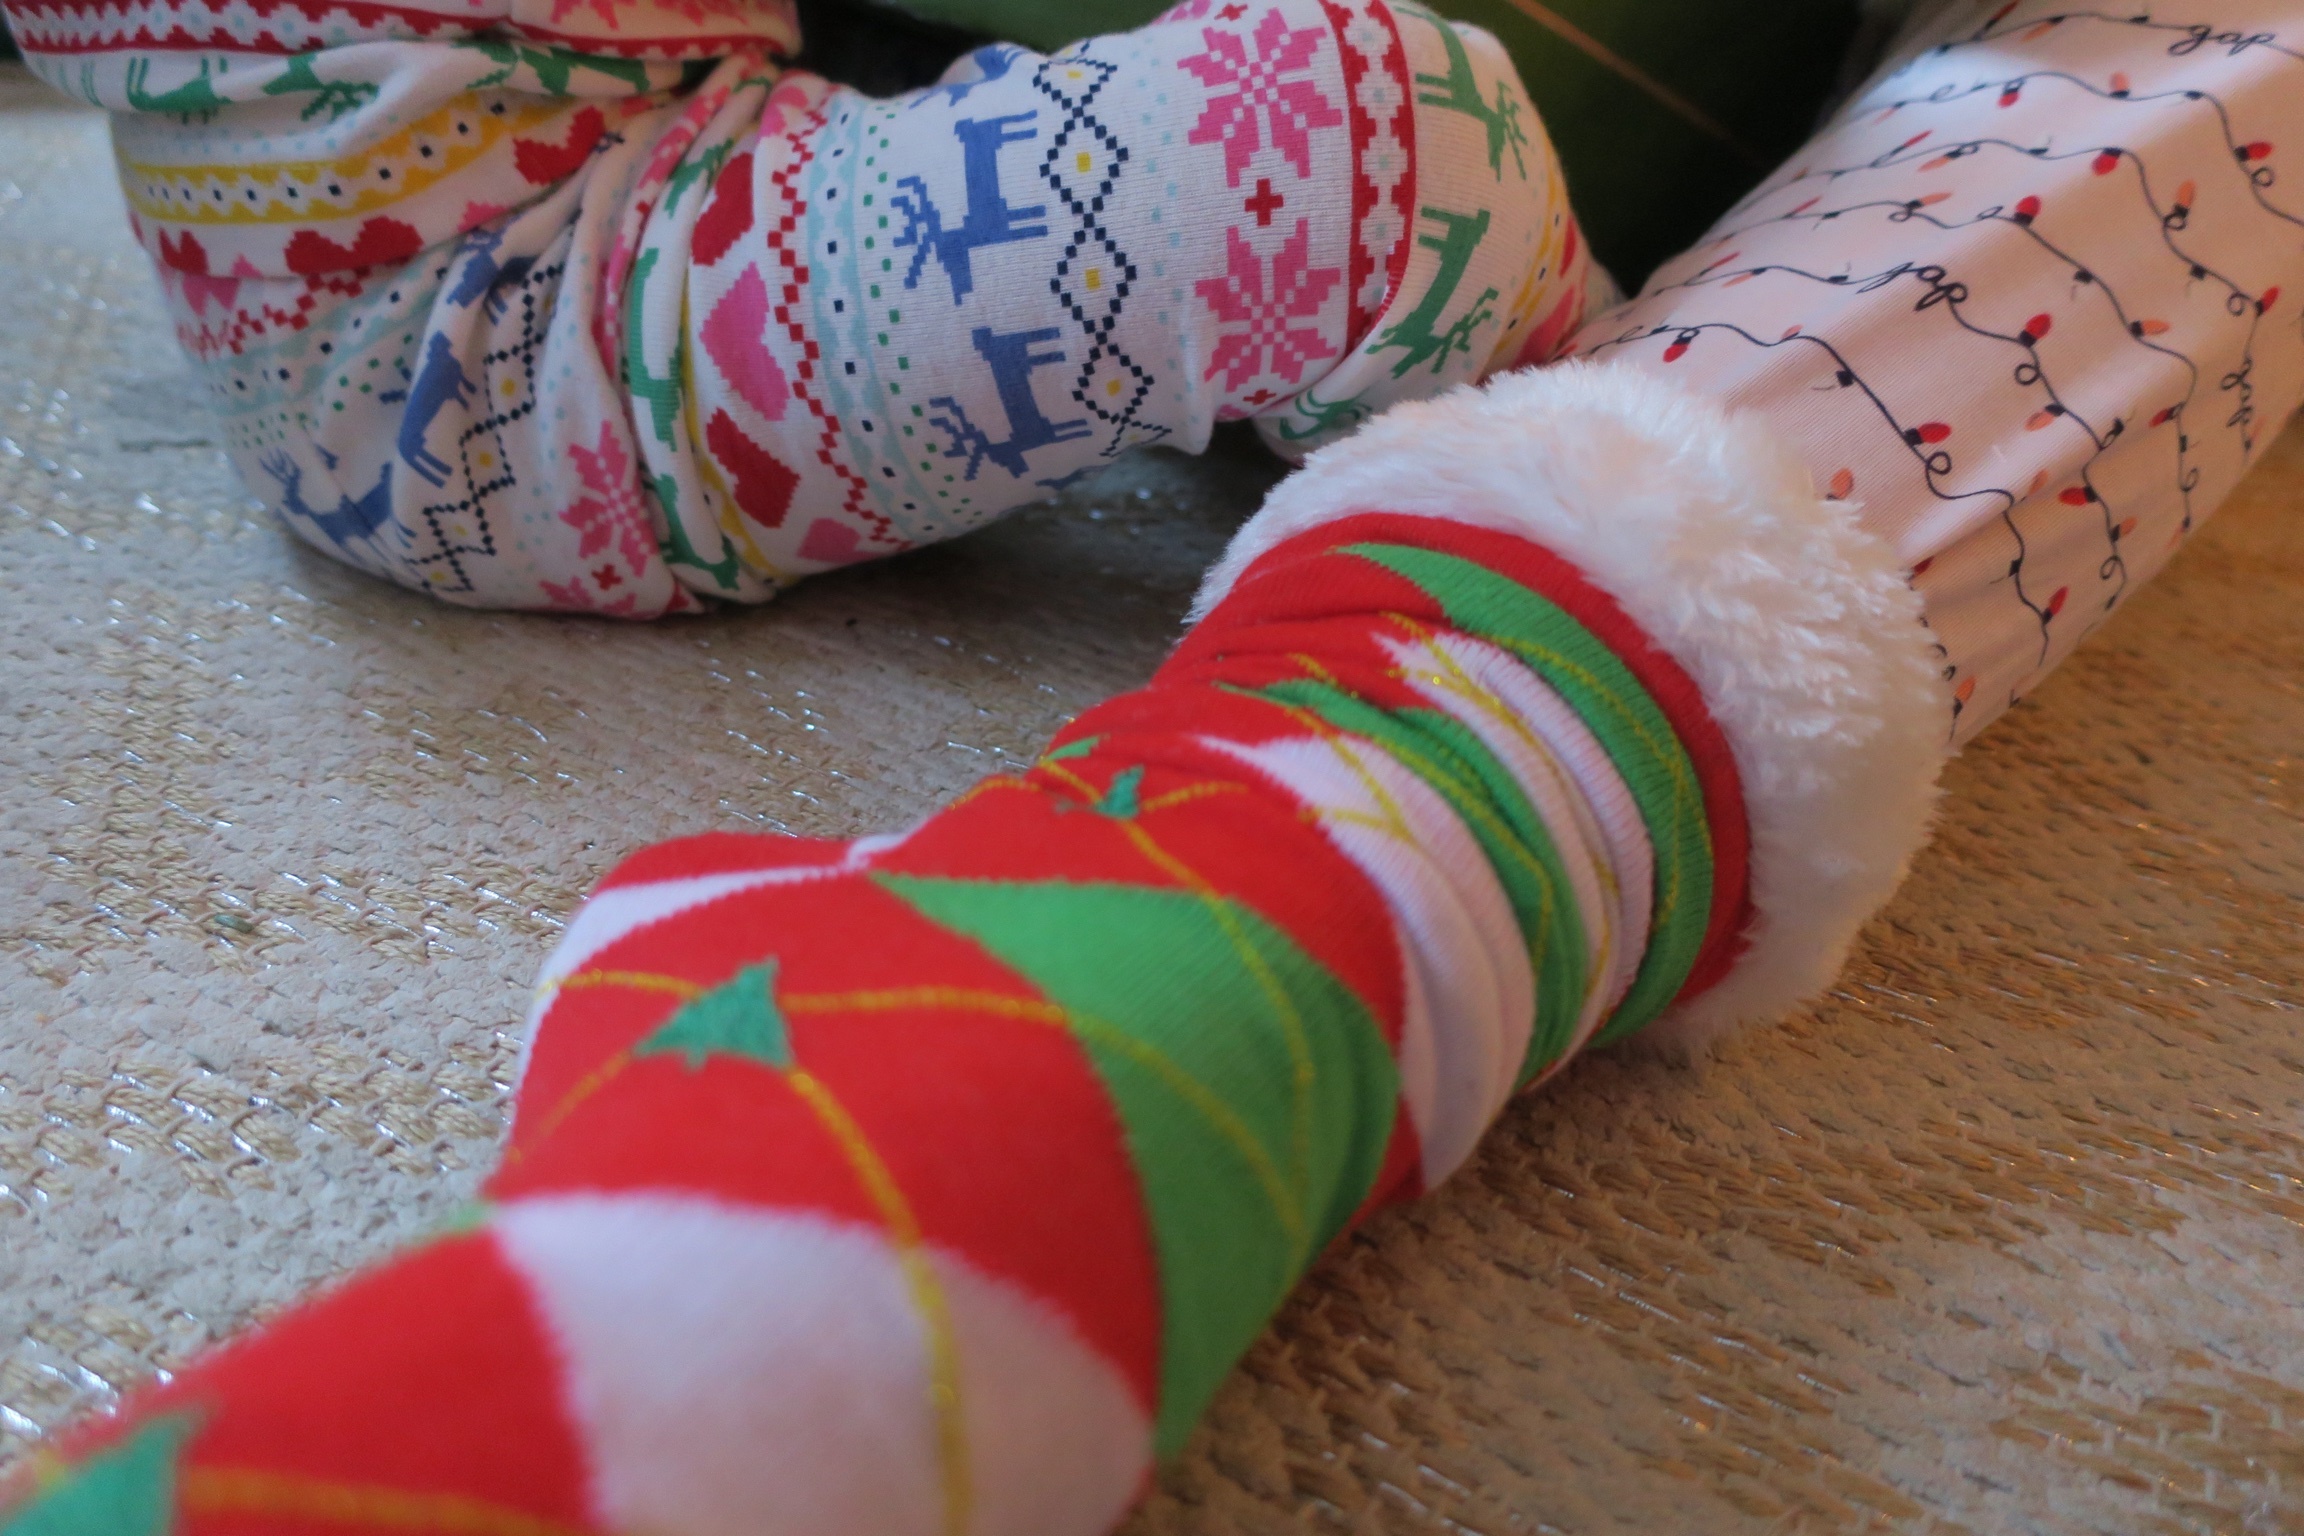 Fun socks and fun pj's!